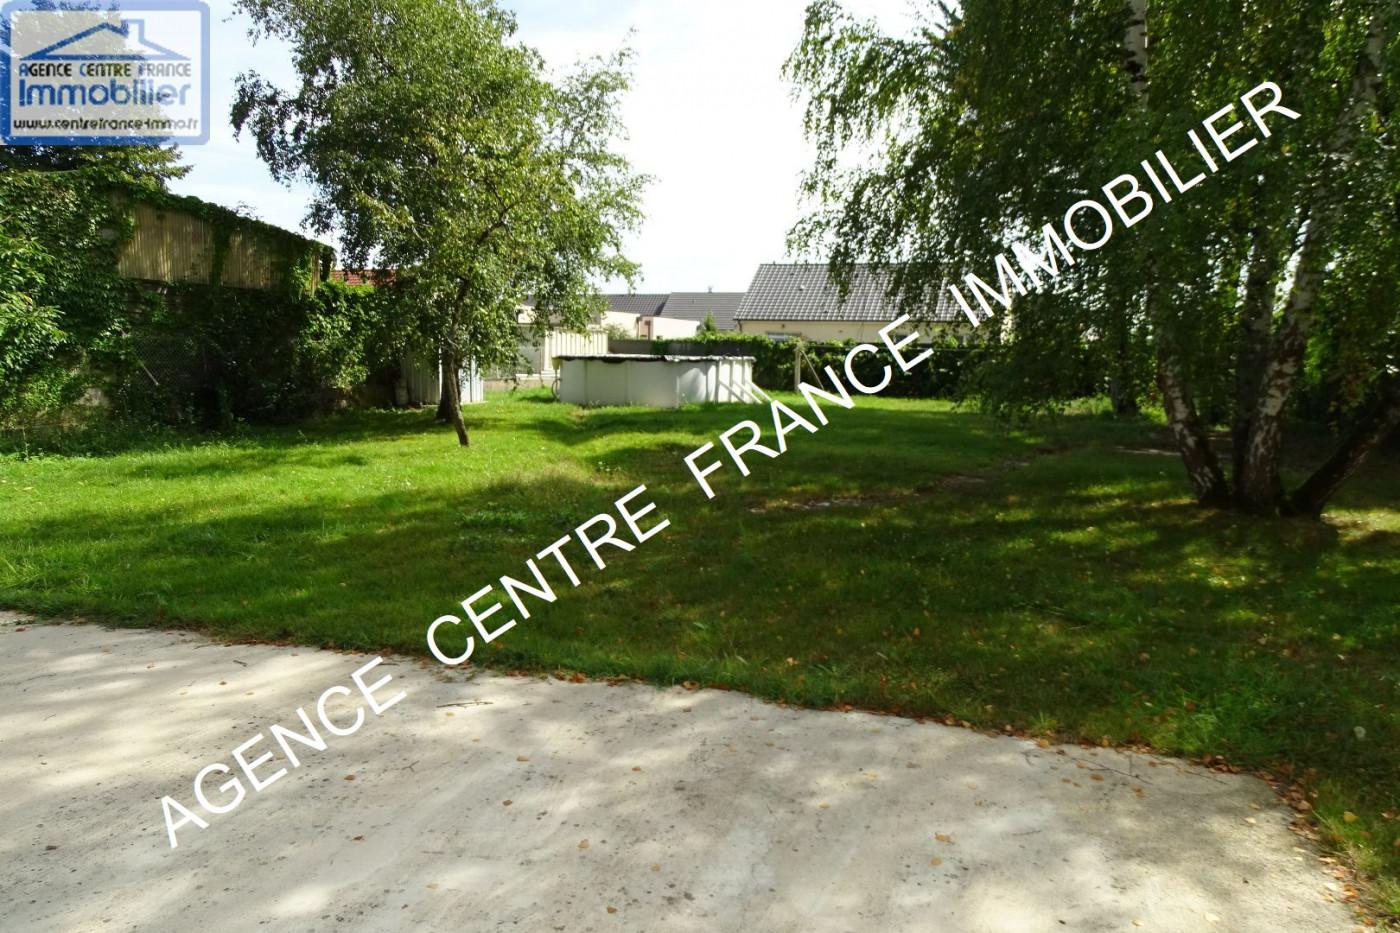 A vendre  La Chapelle Saint Ursin | Réf 030011544 - Agence centre france immobilier